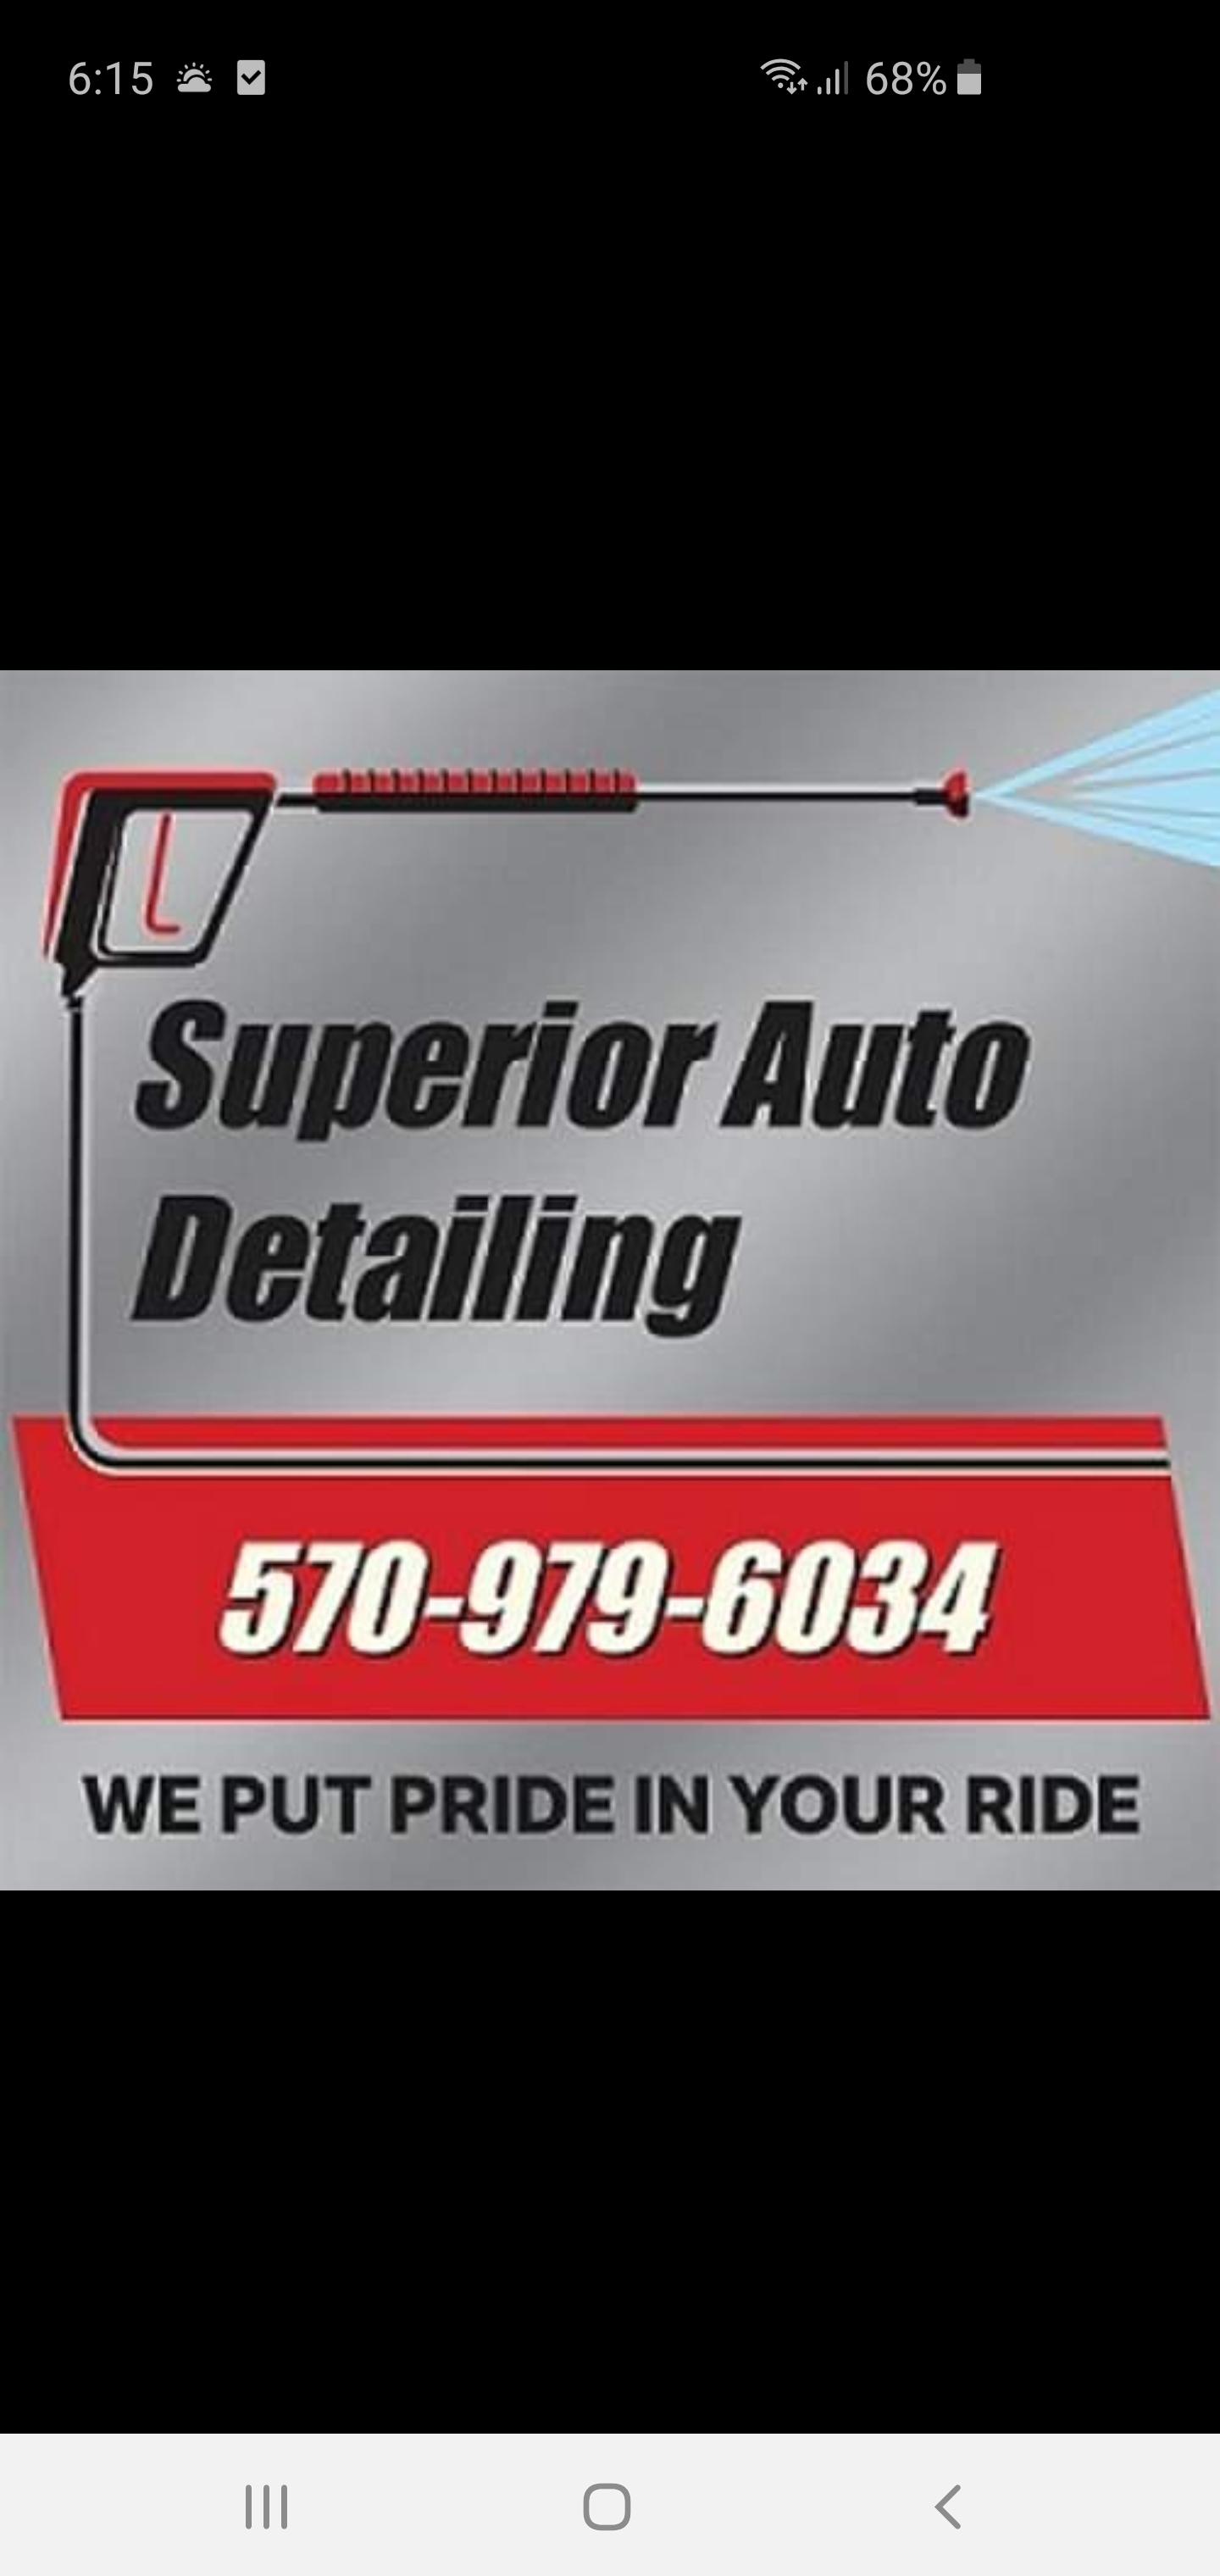 Superior Auto Detailing